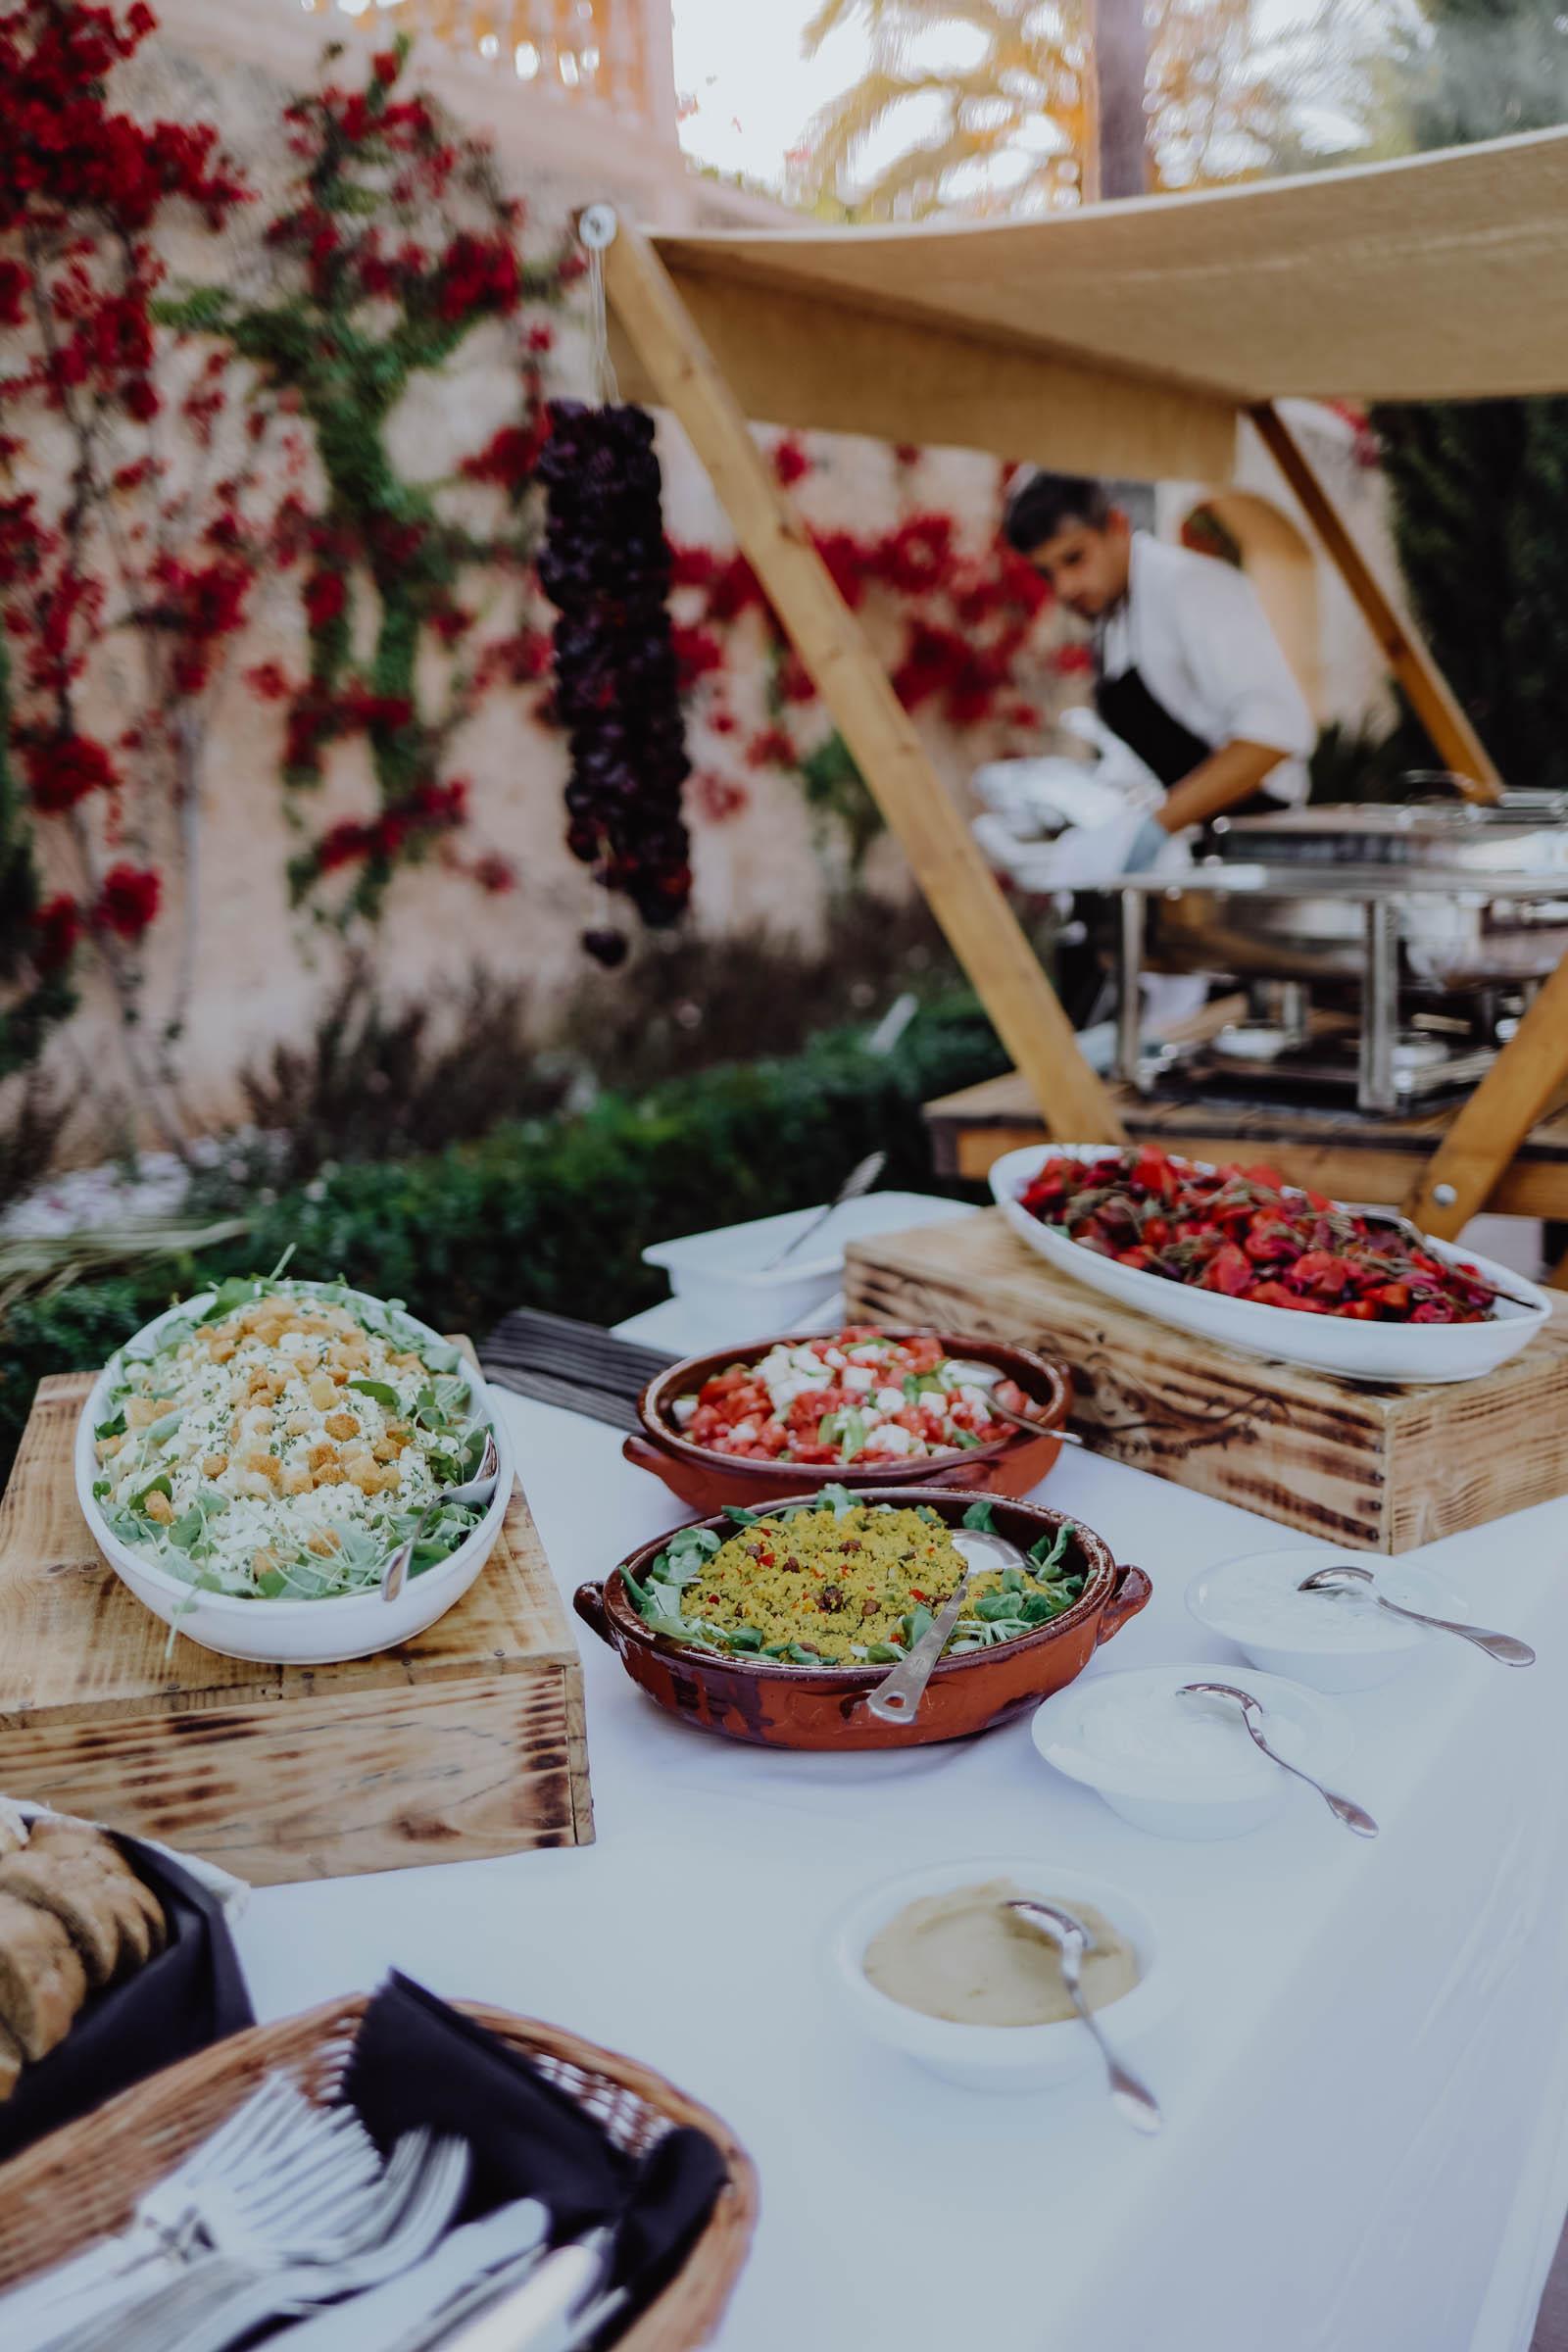 Bunte Salate auf einem Tisch